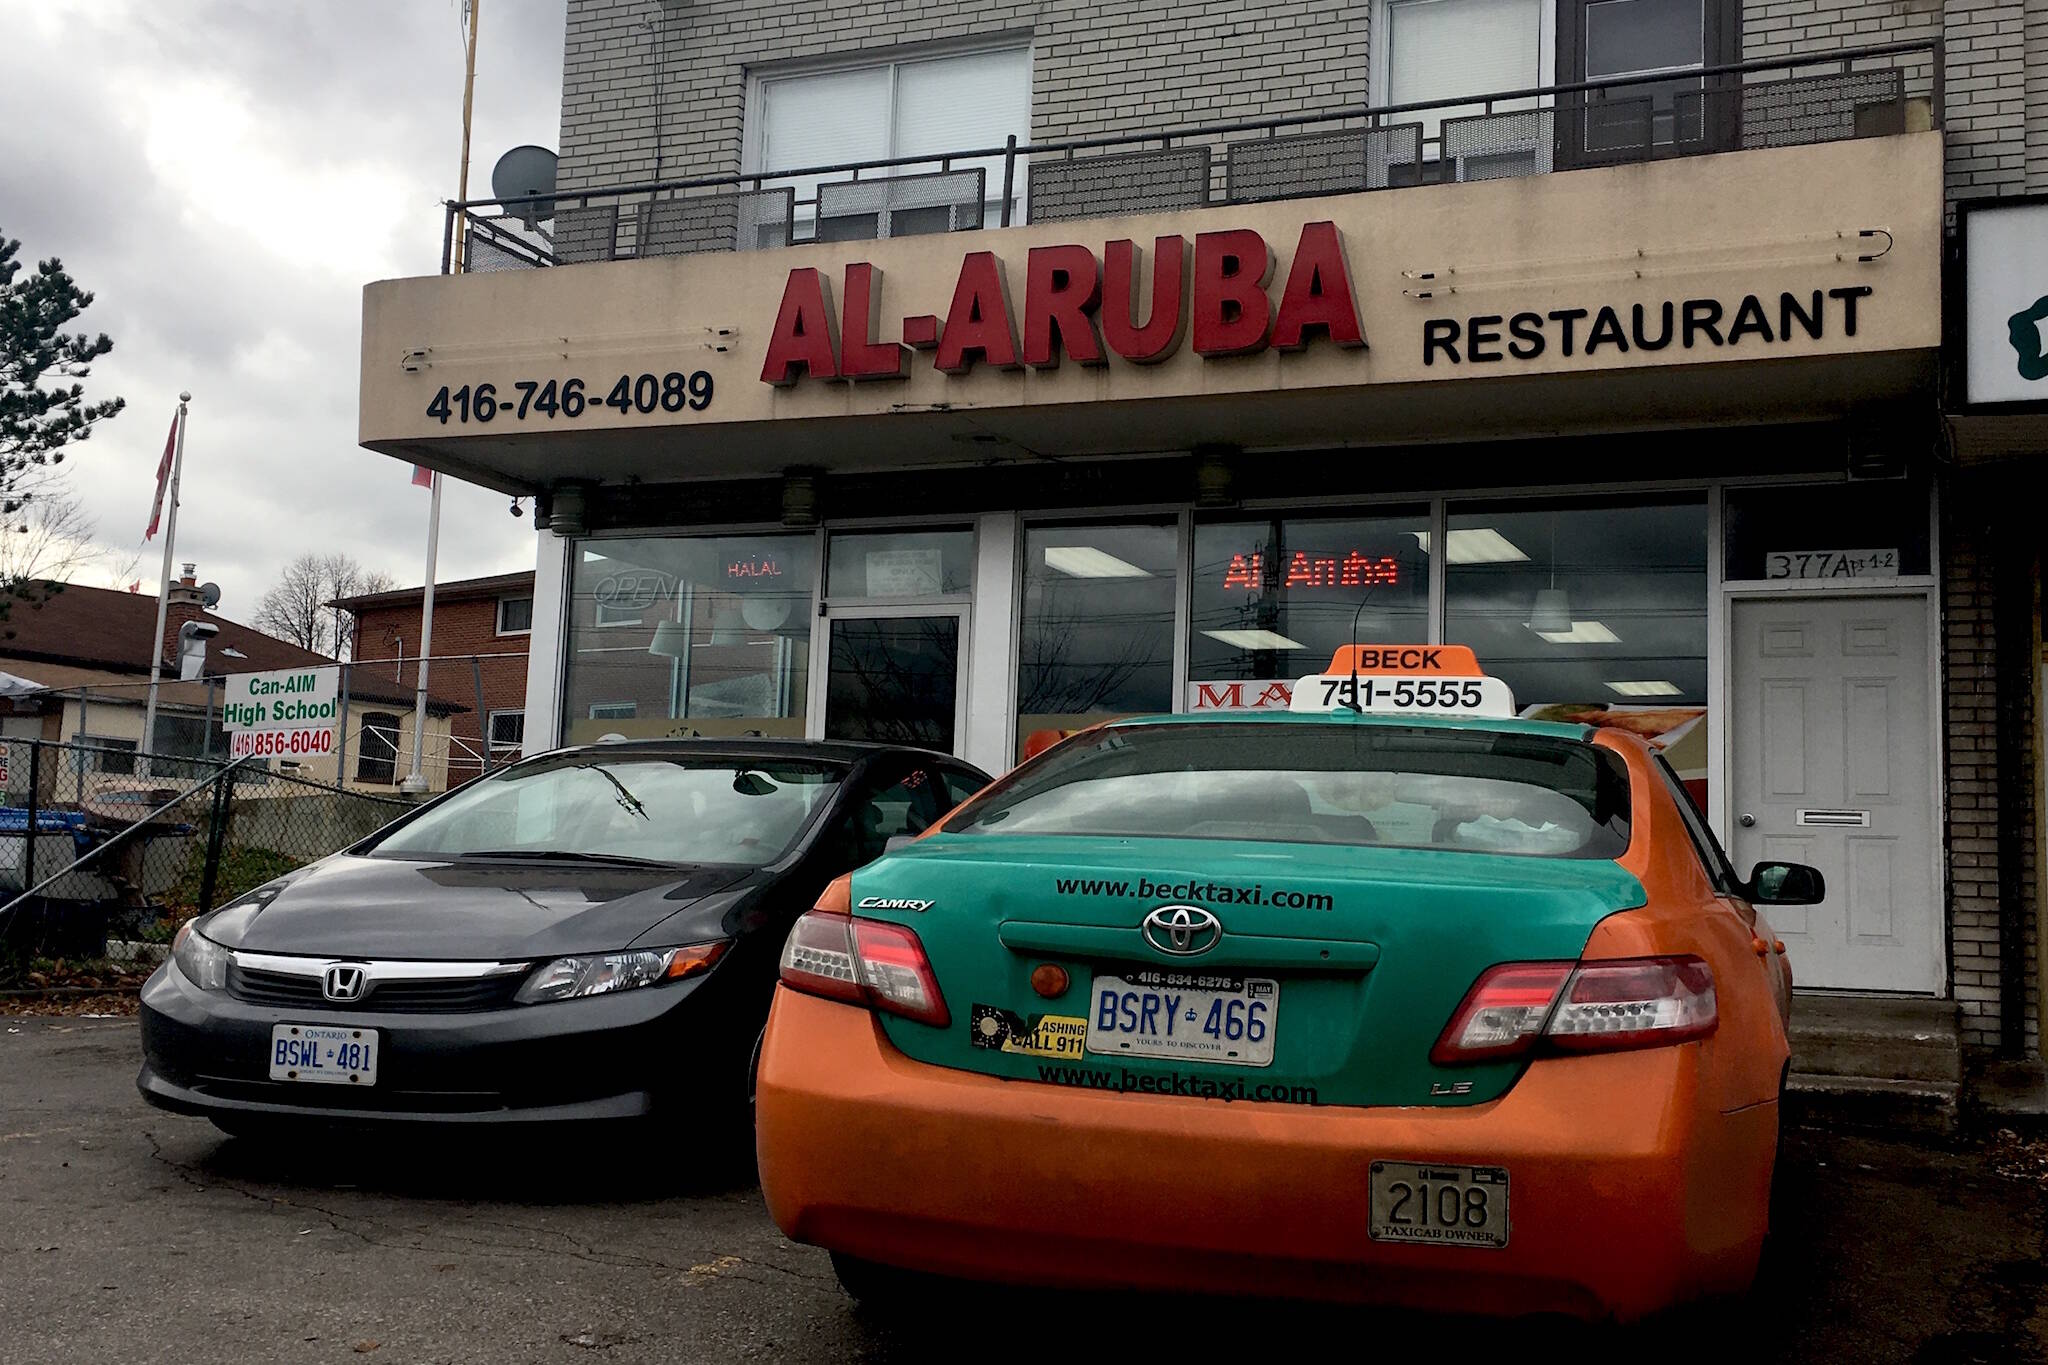 Al Aruba Toronto